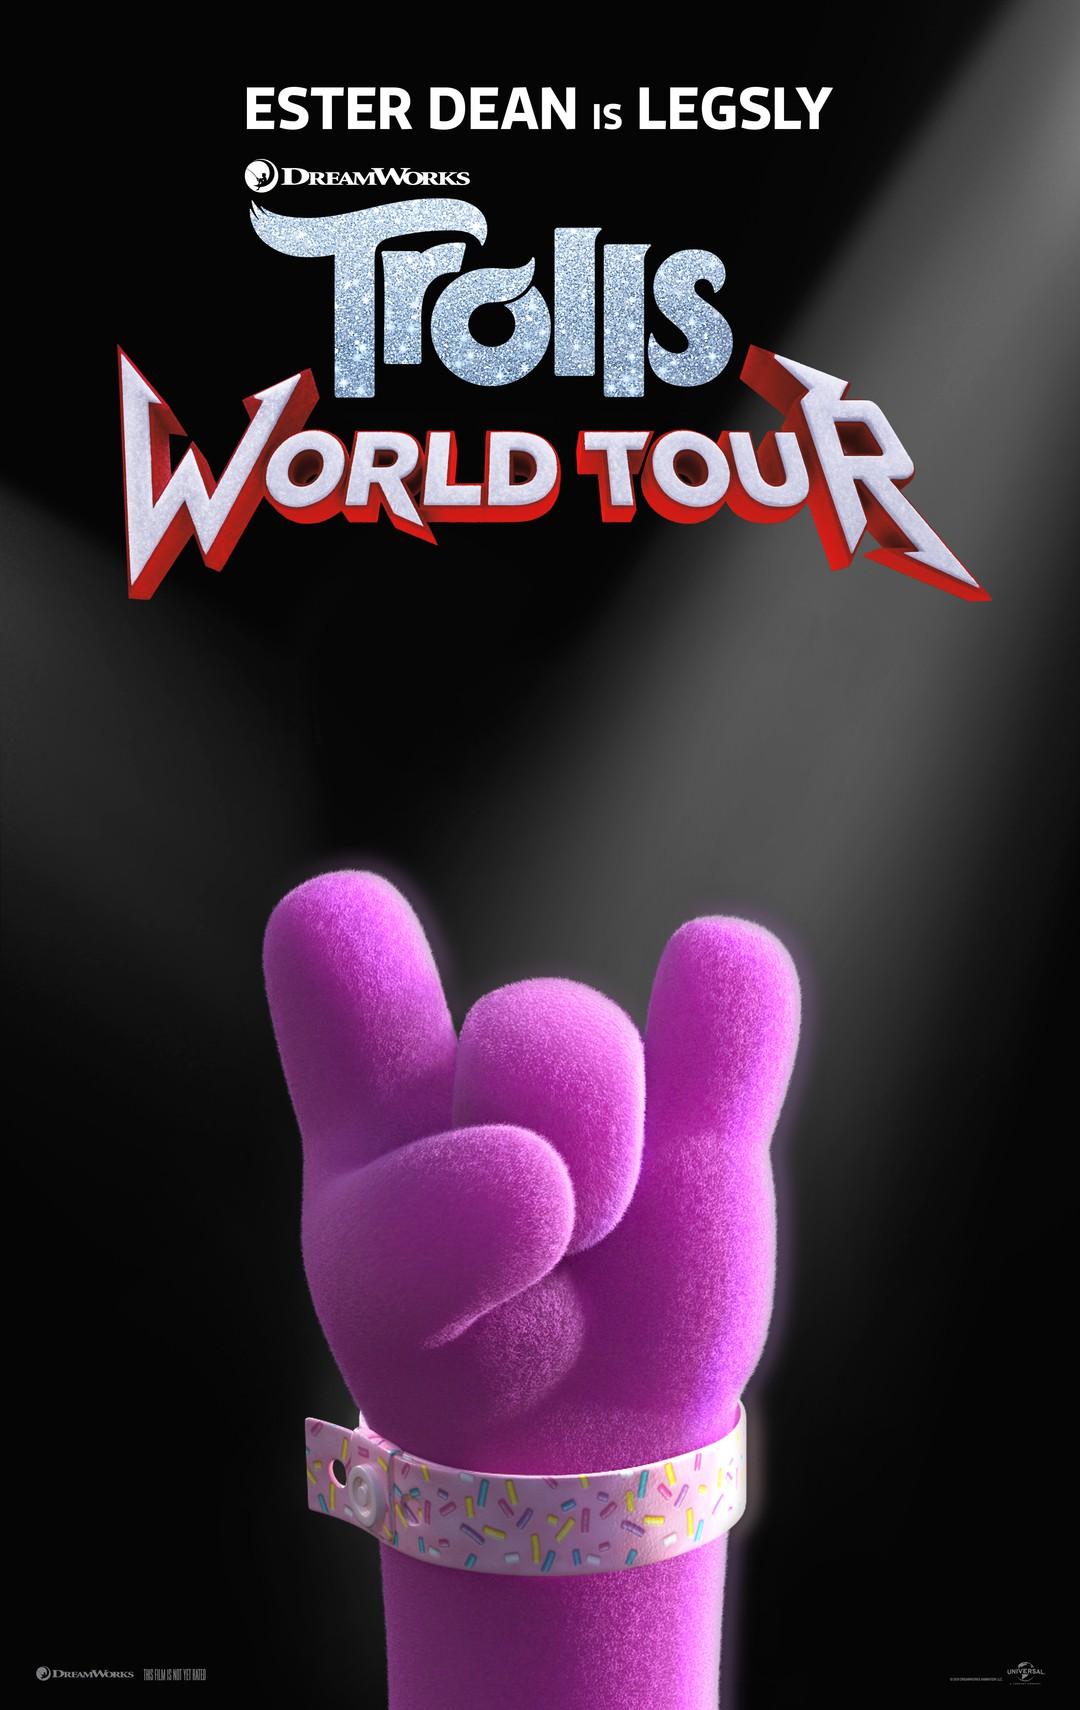 Trolls 2 World Tour Trailer - Bild 1 von 21